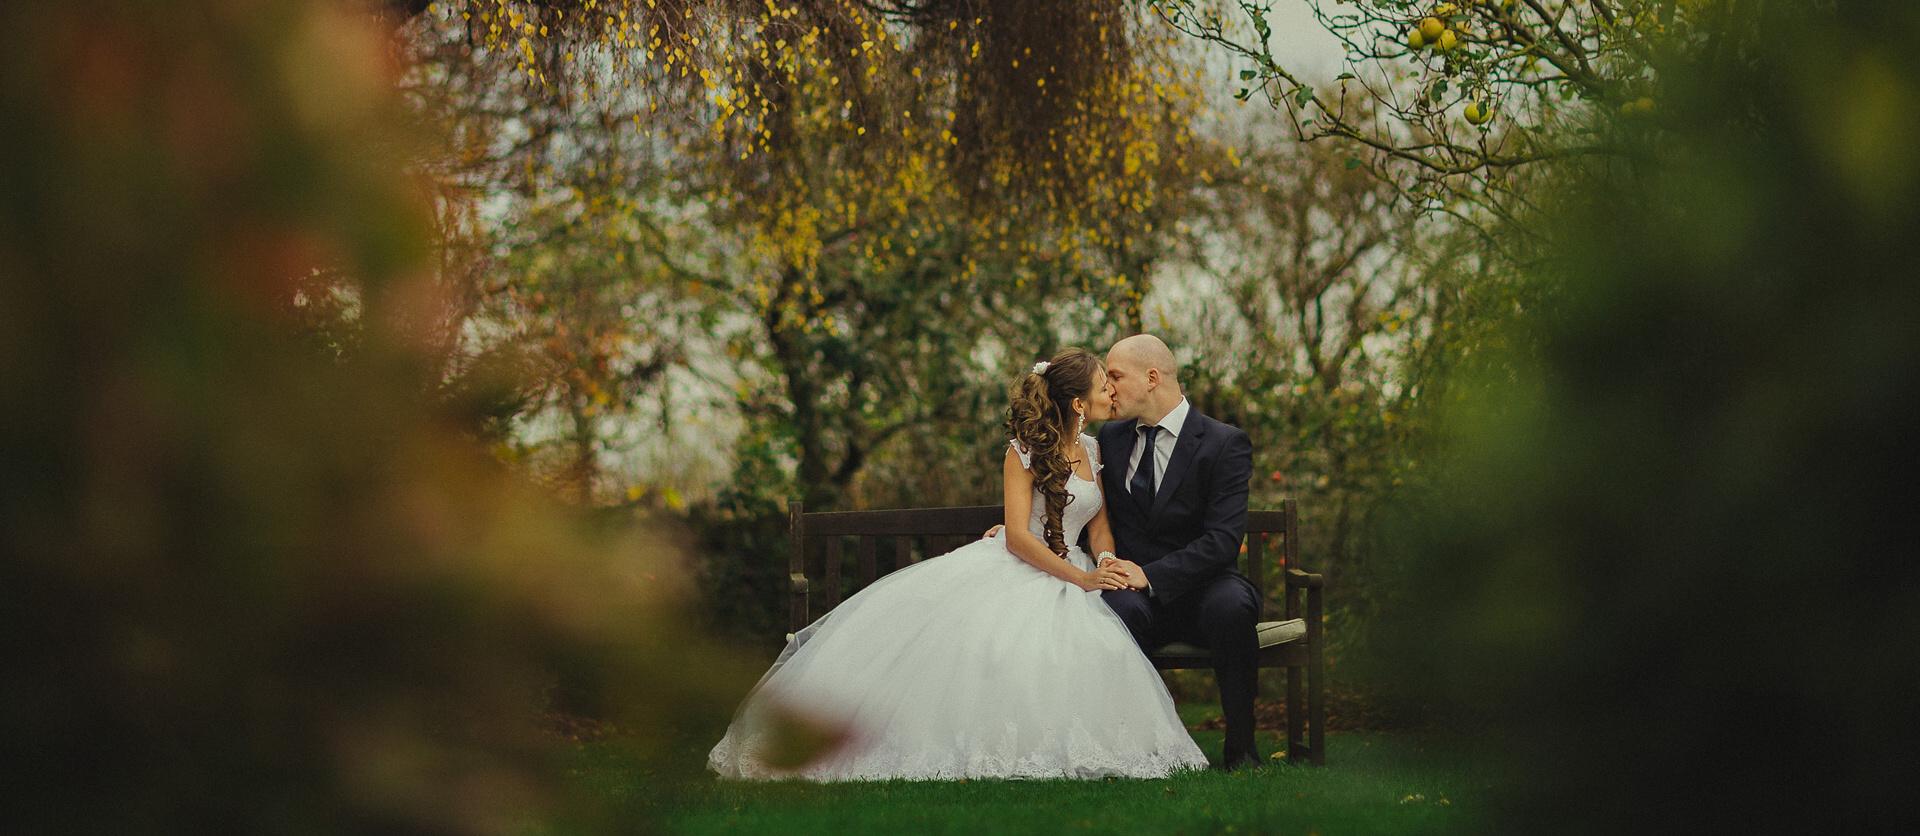 Slávka & Adrian | WEDDING